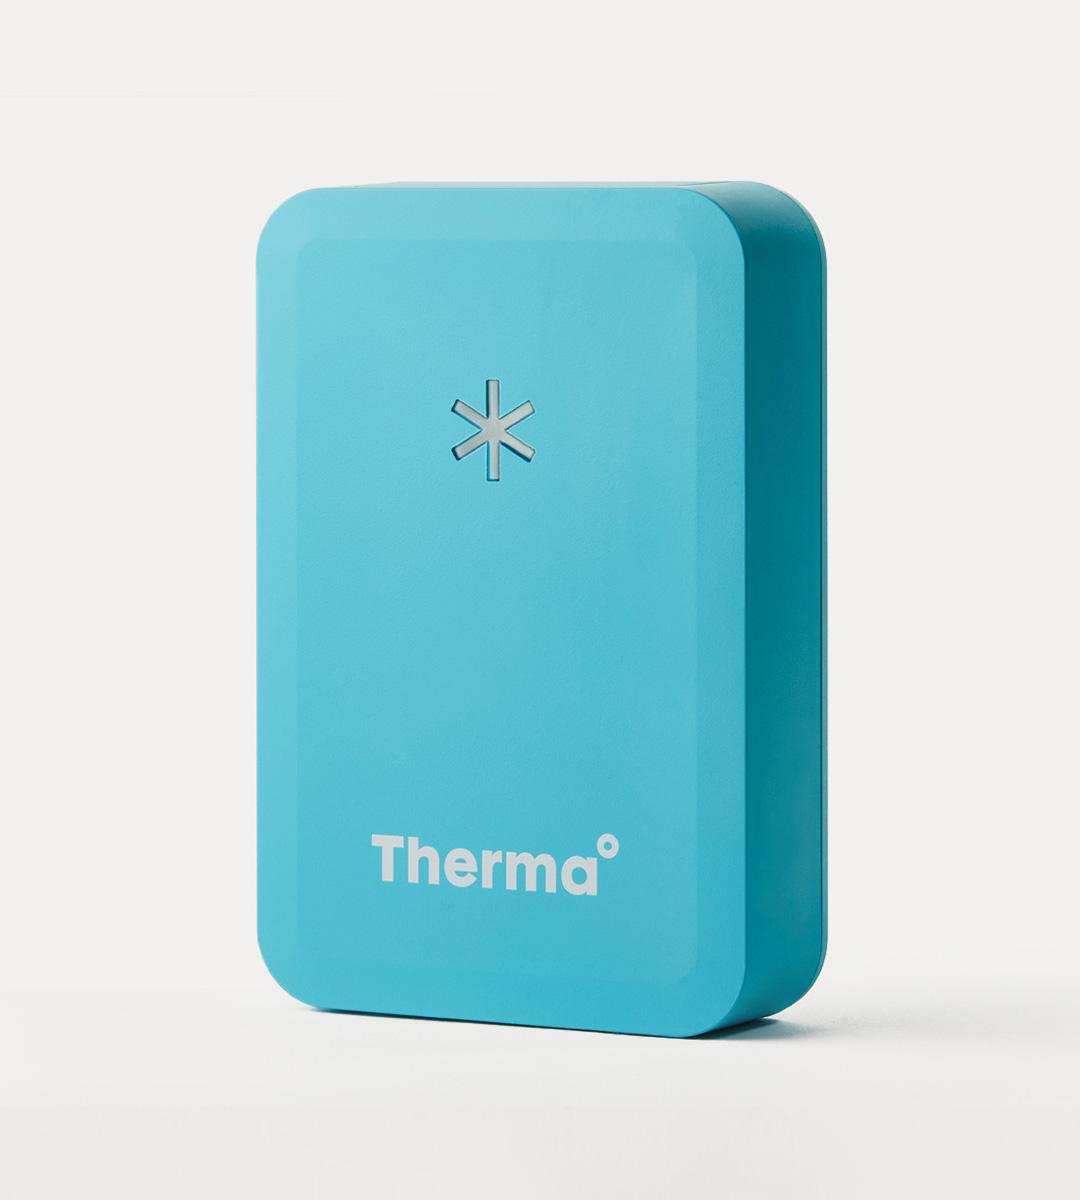 Therma hub